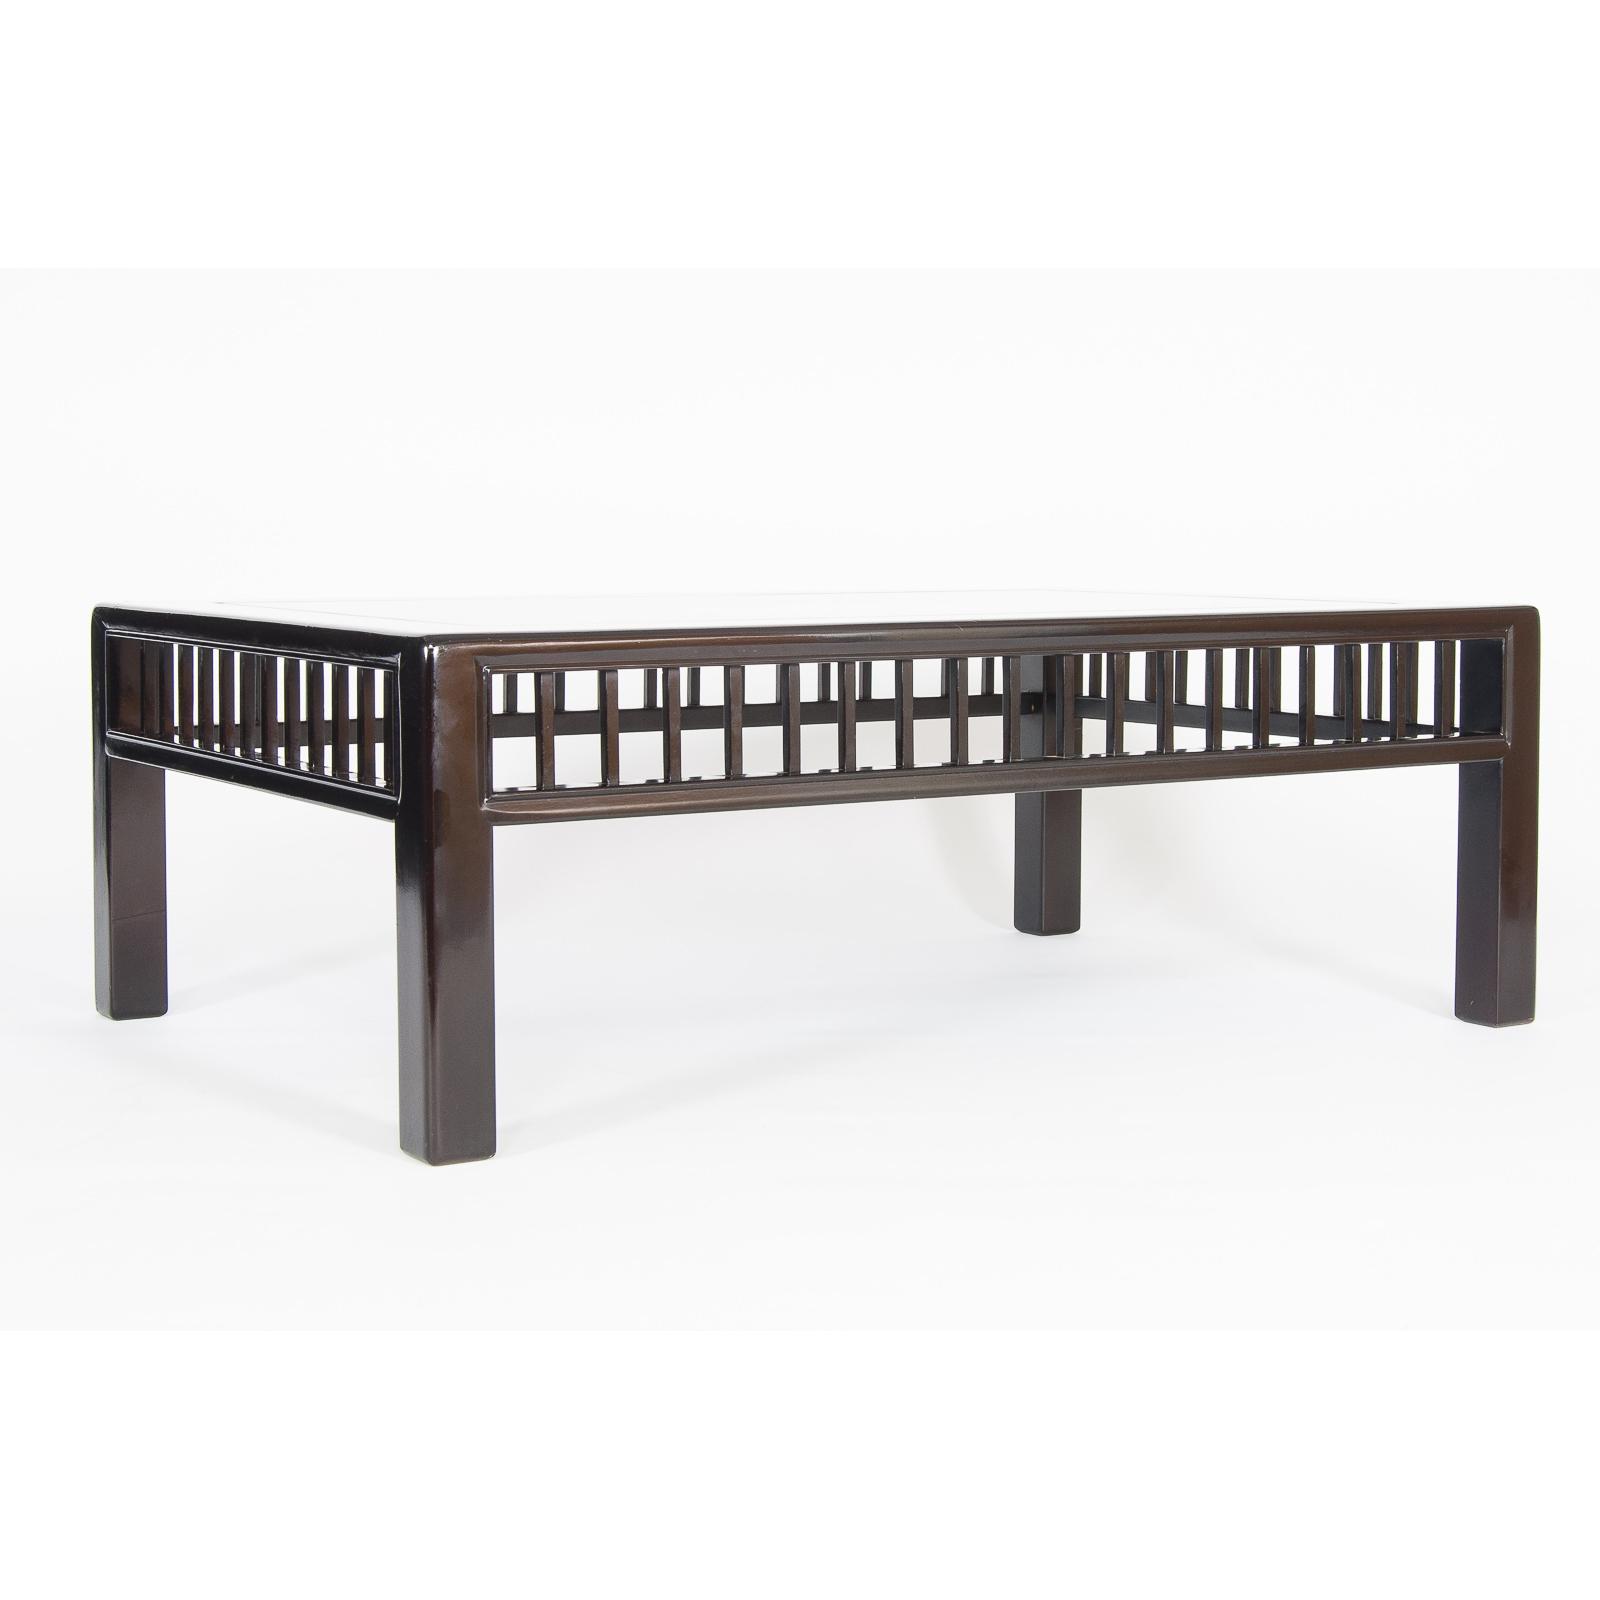 Table used MU-033